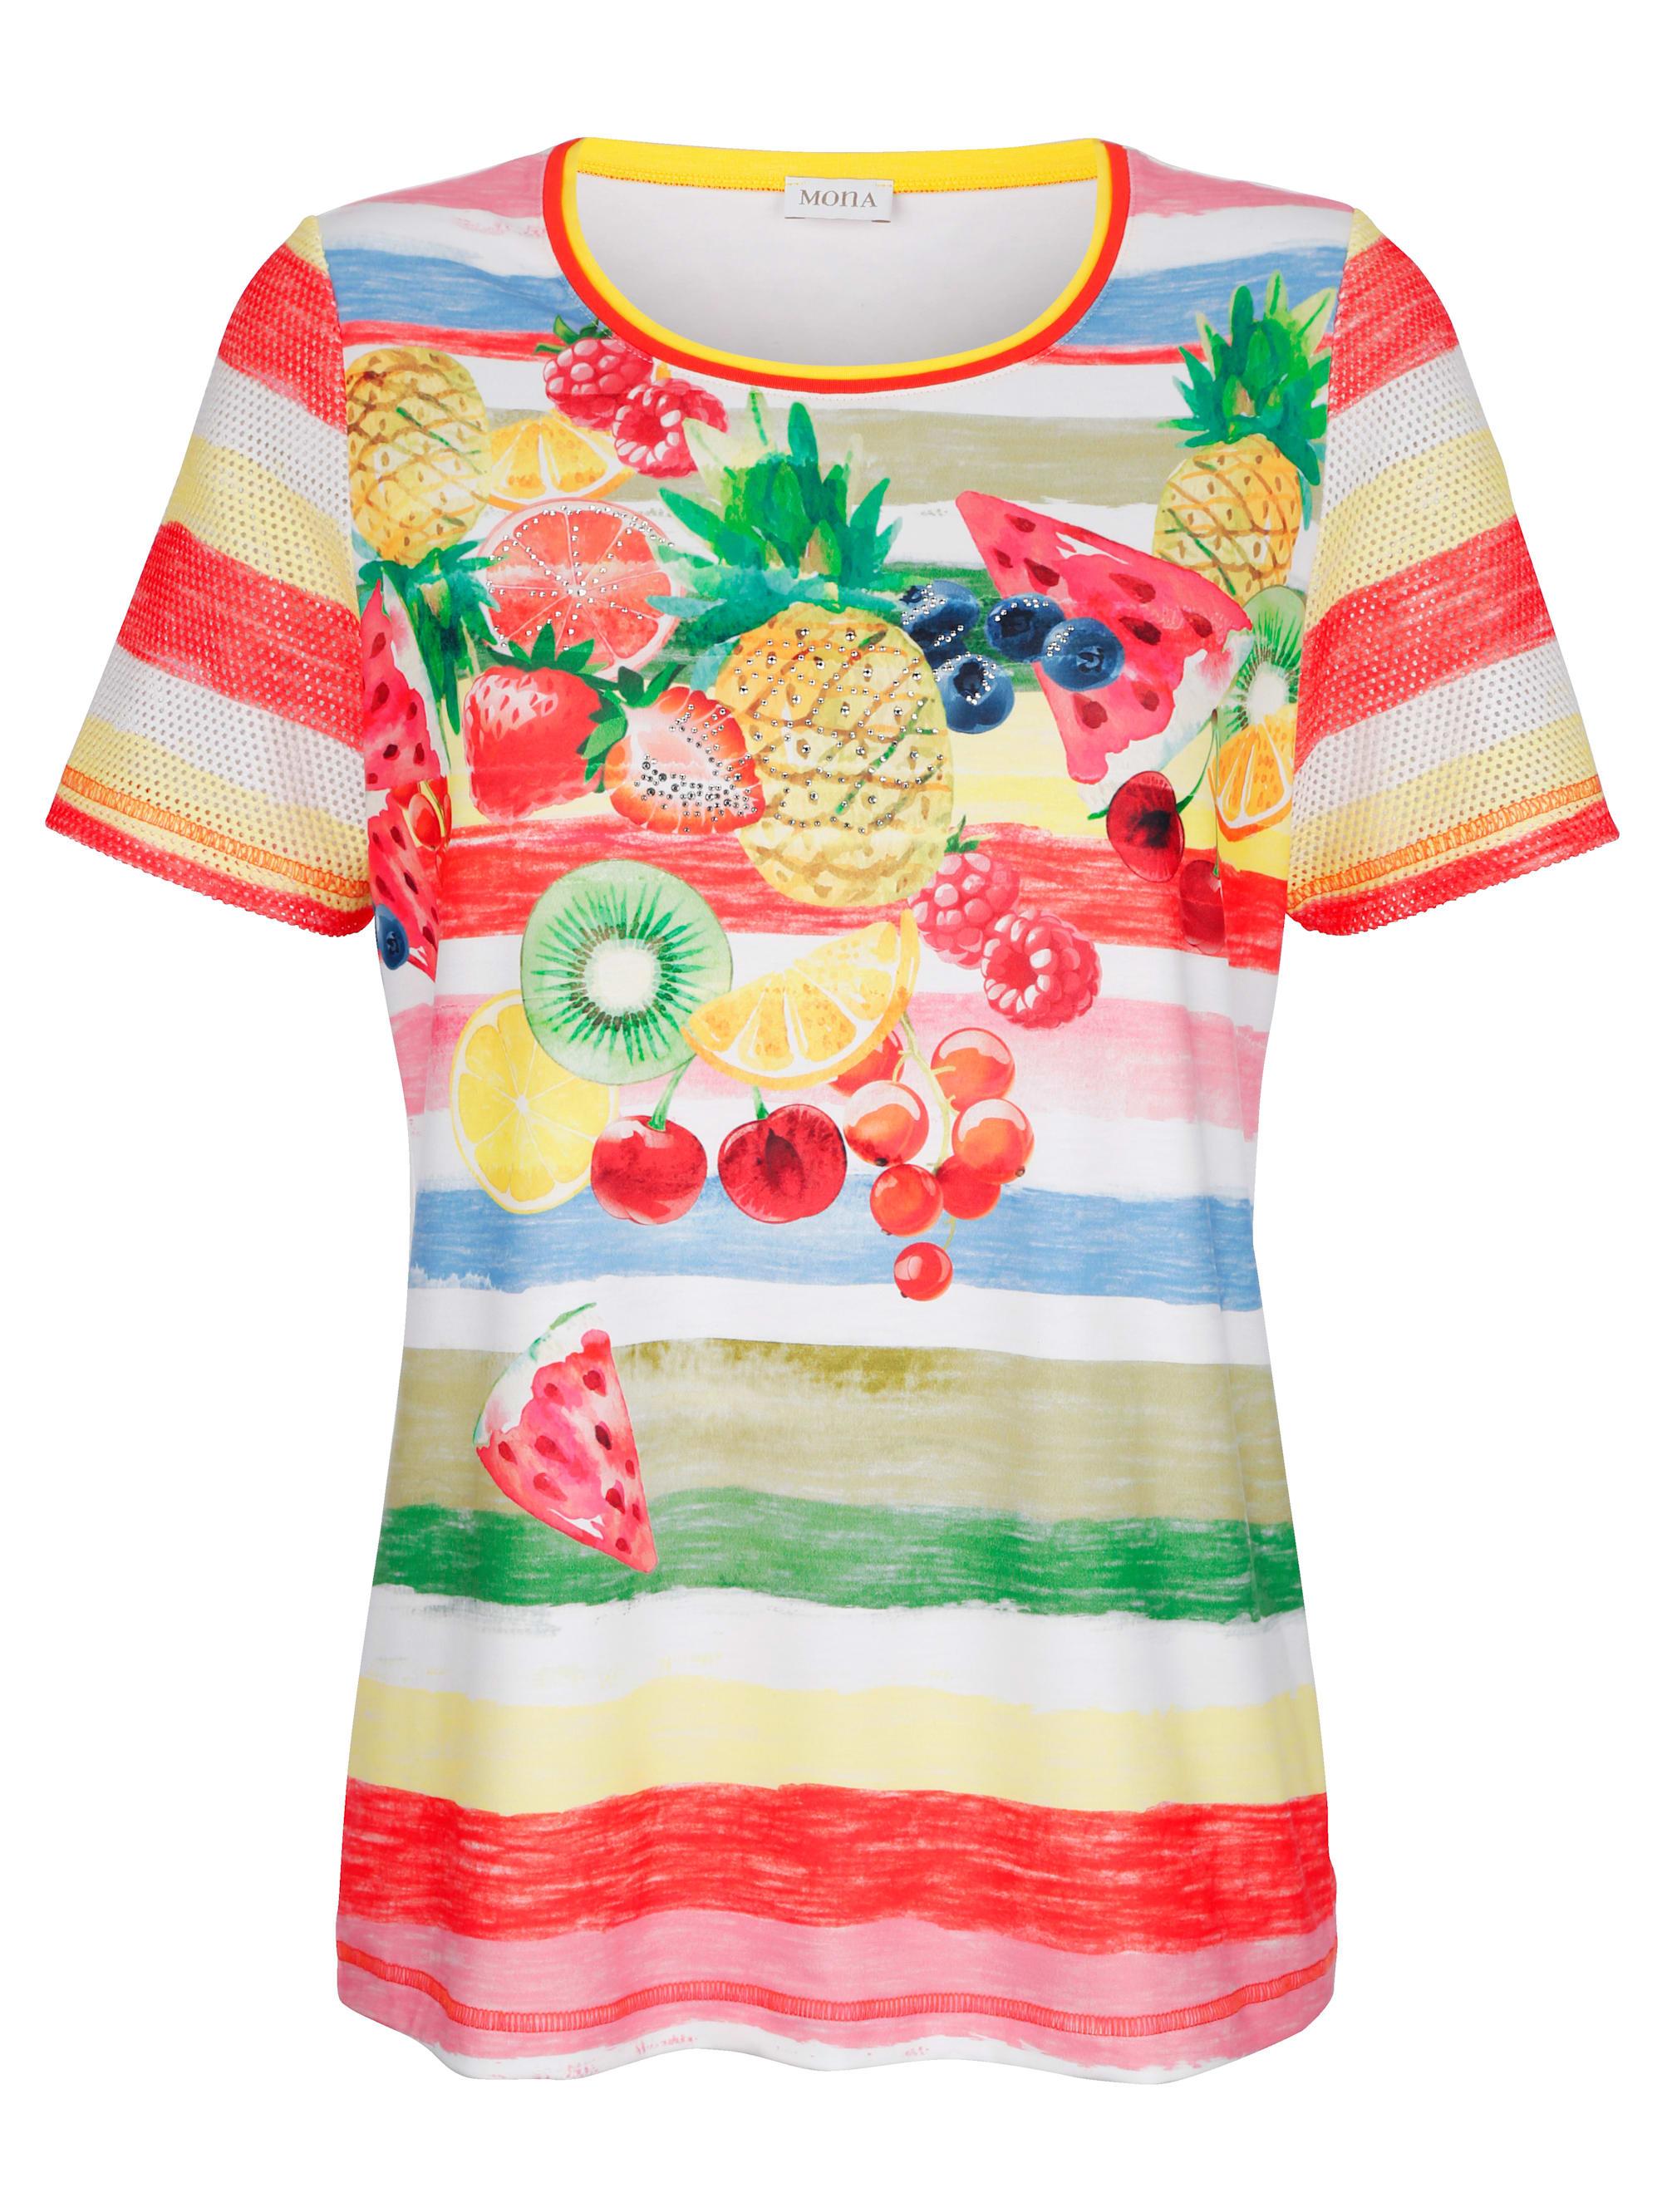 mona -  Kurzarmshirt, in farbenfrohem Ringeldessin